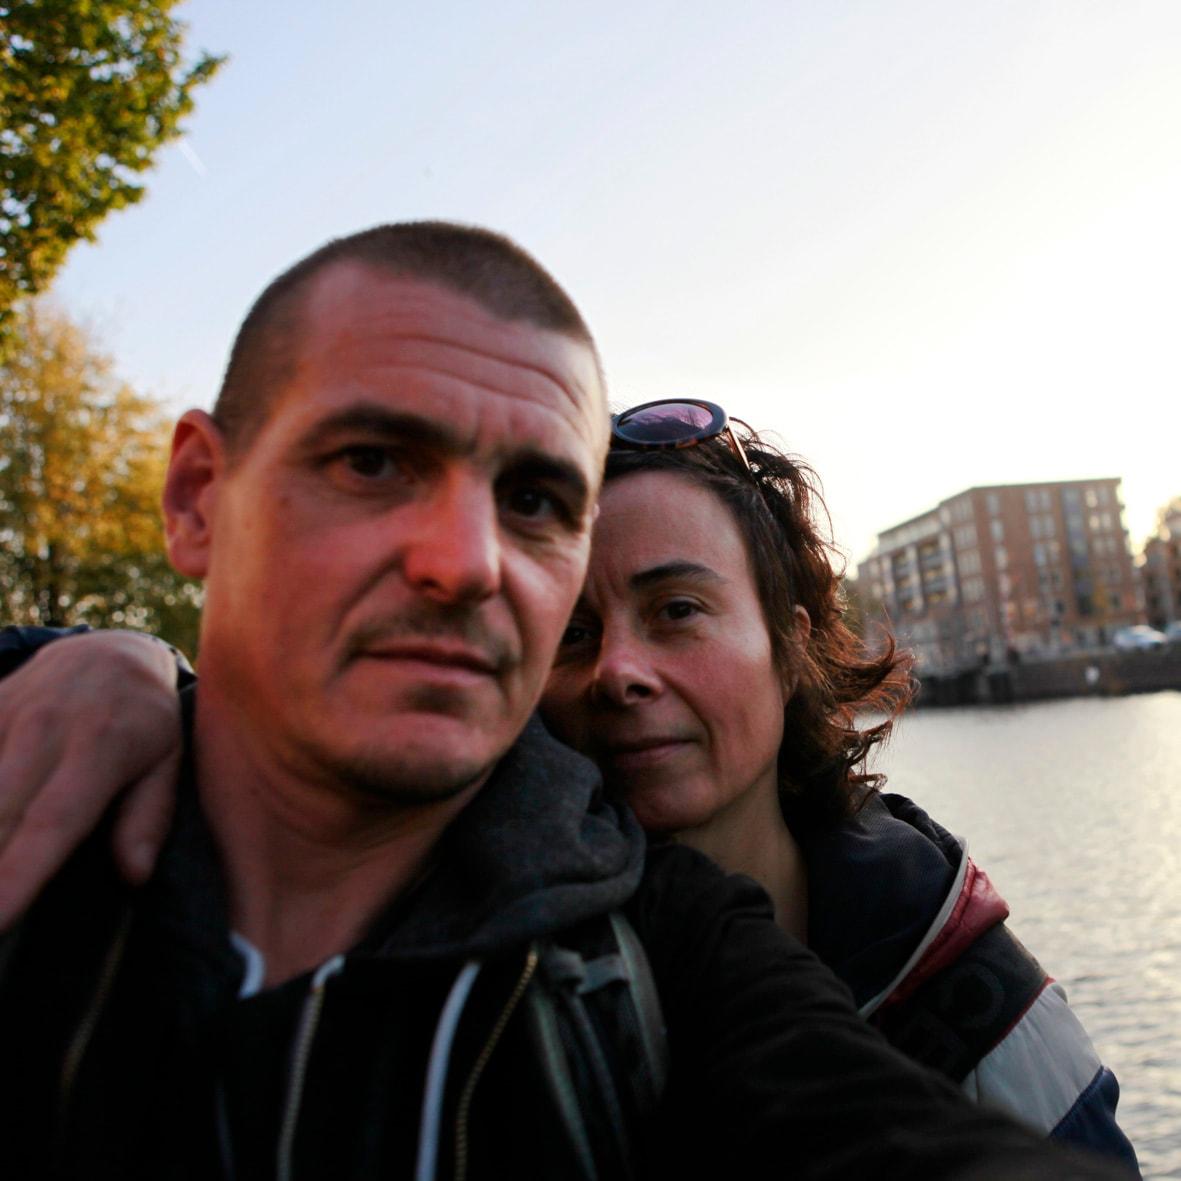 Wij zijn Eric en Karen. Wij wonen 25 jaar in Amste